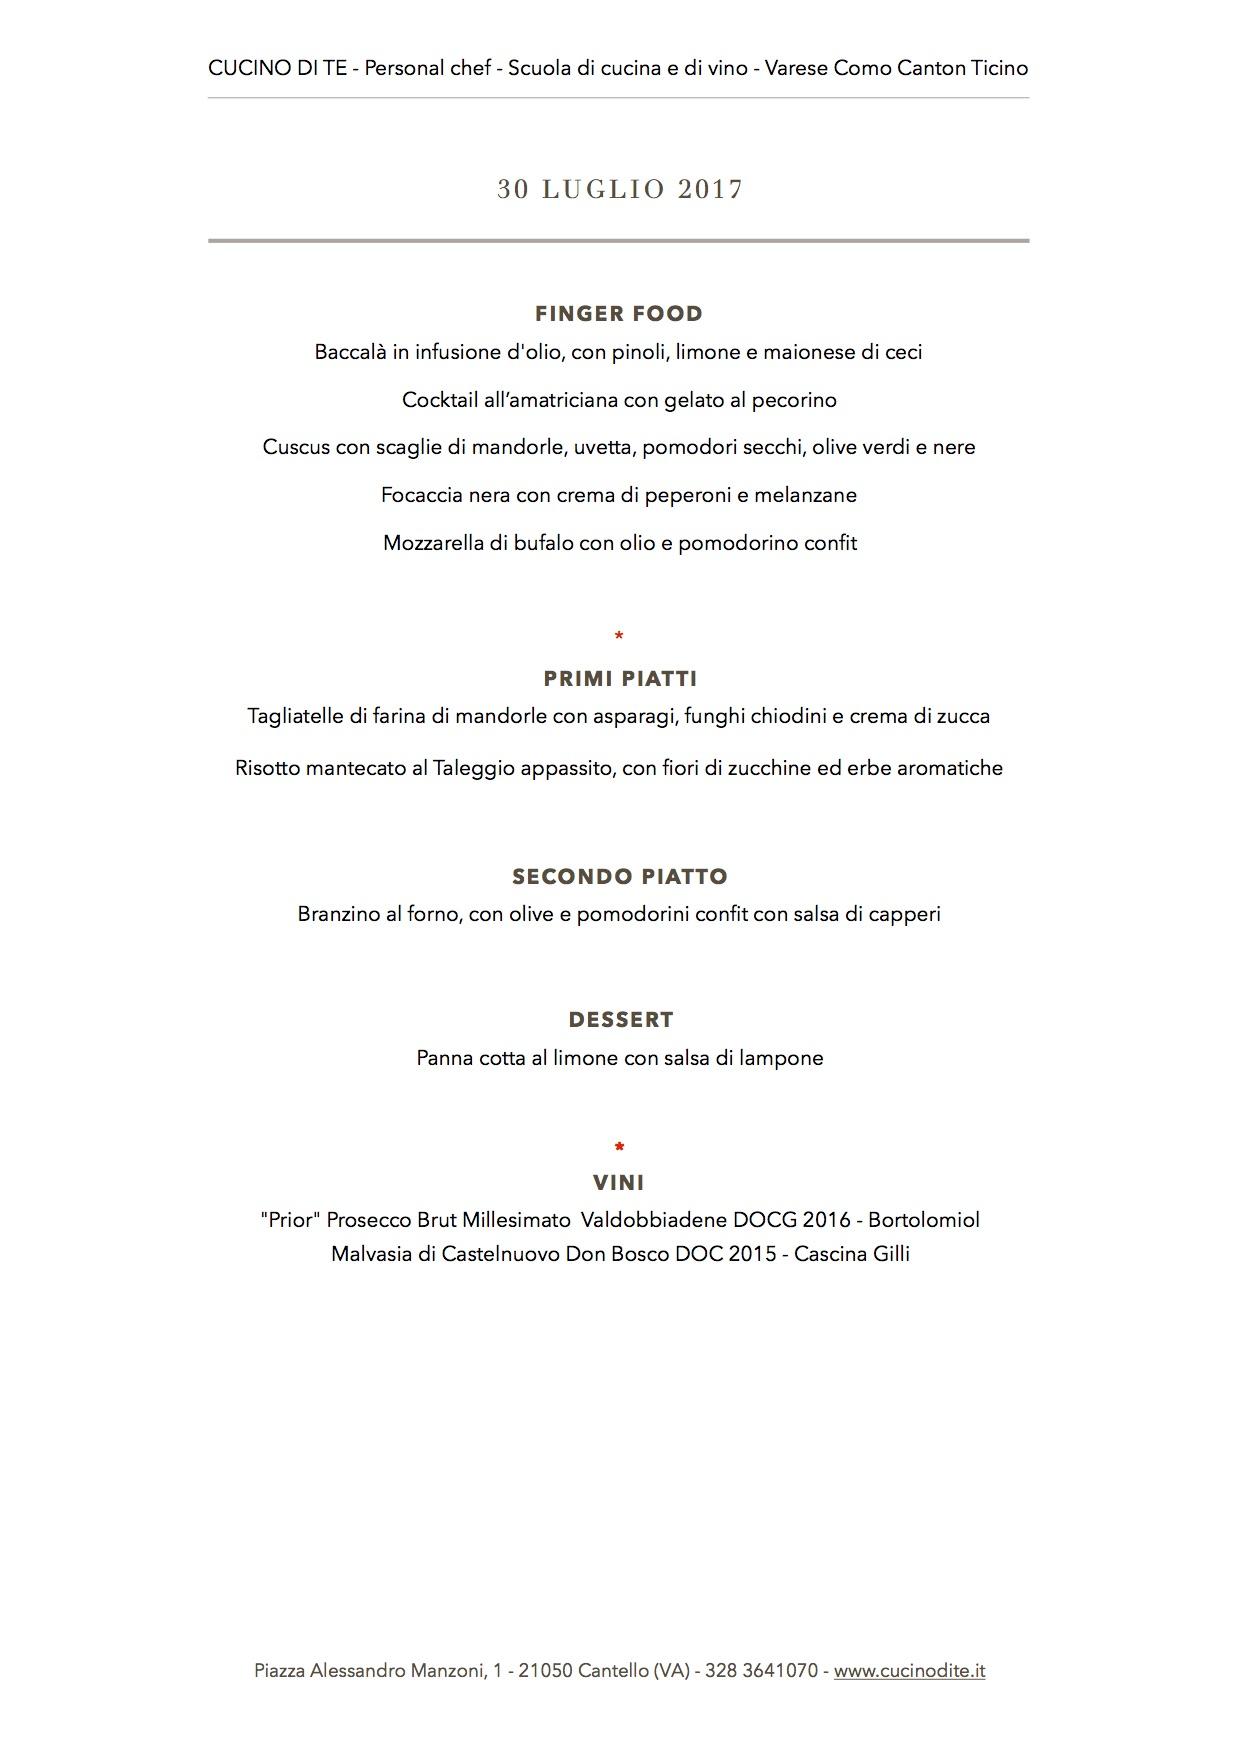 cucino di te - menù del 30 luglio 2017